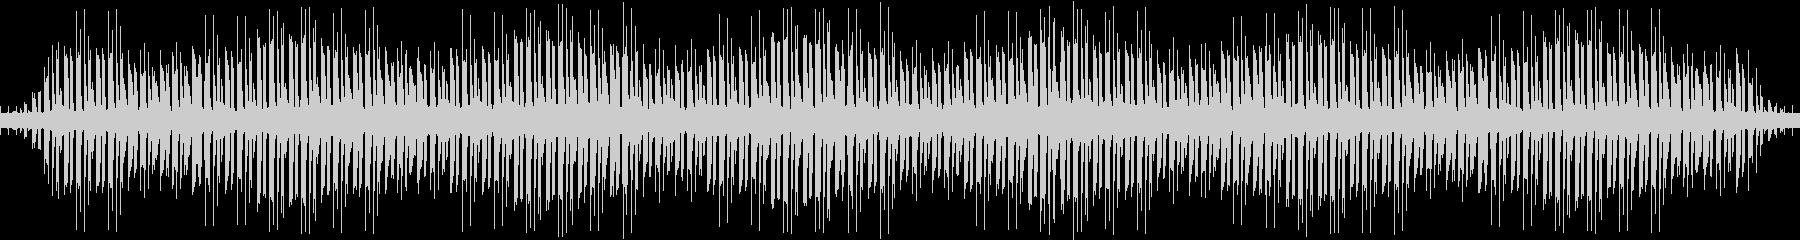 マラソン・ランニング練習用vol.003の未再生の波形